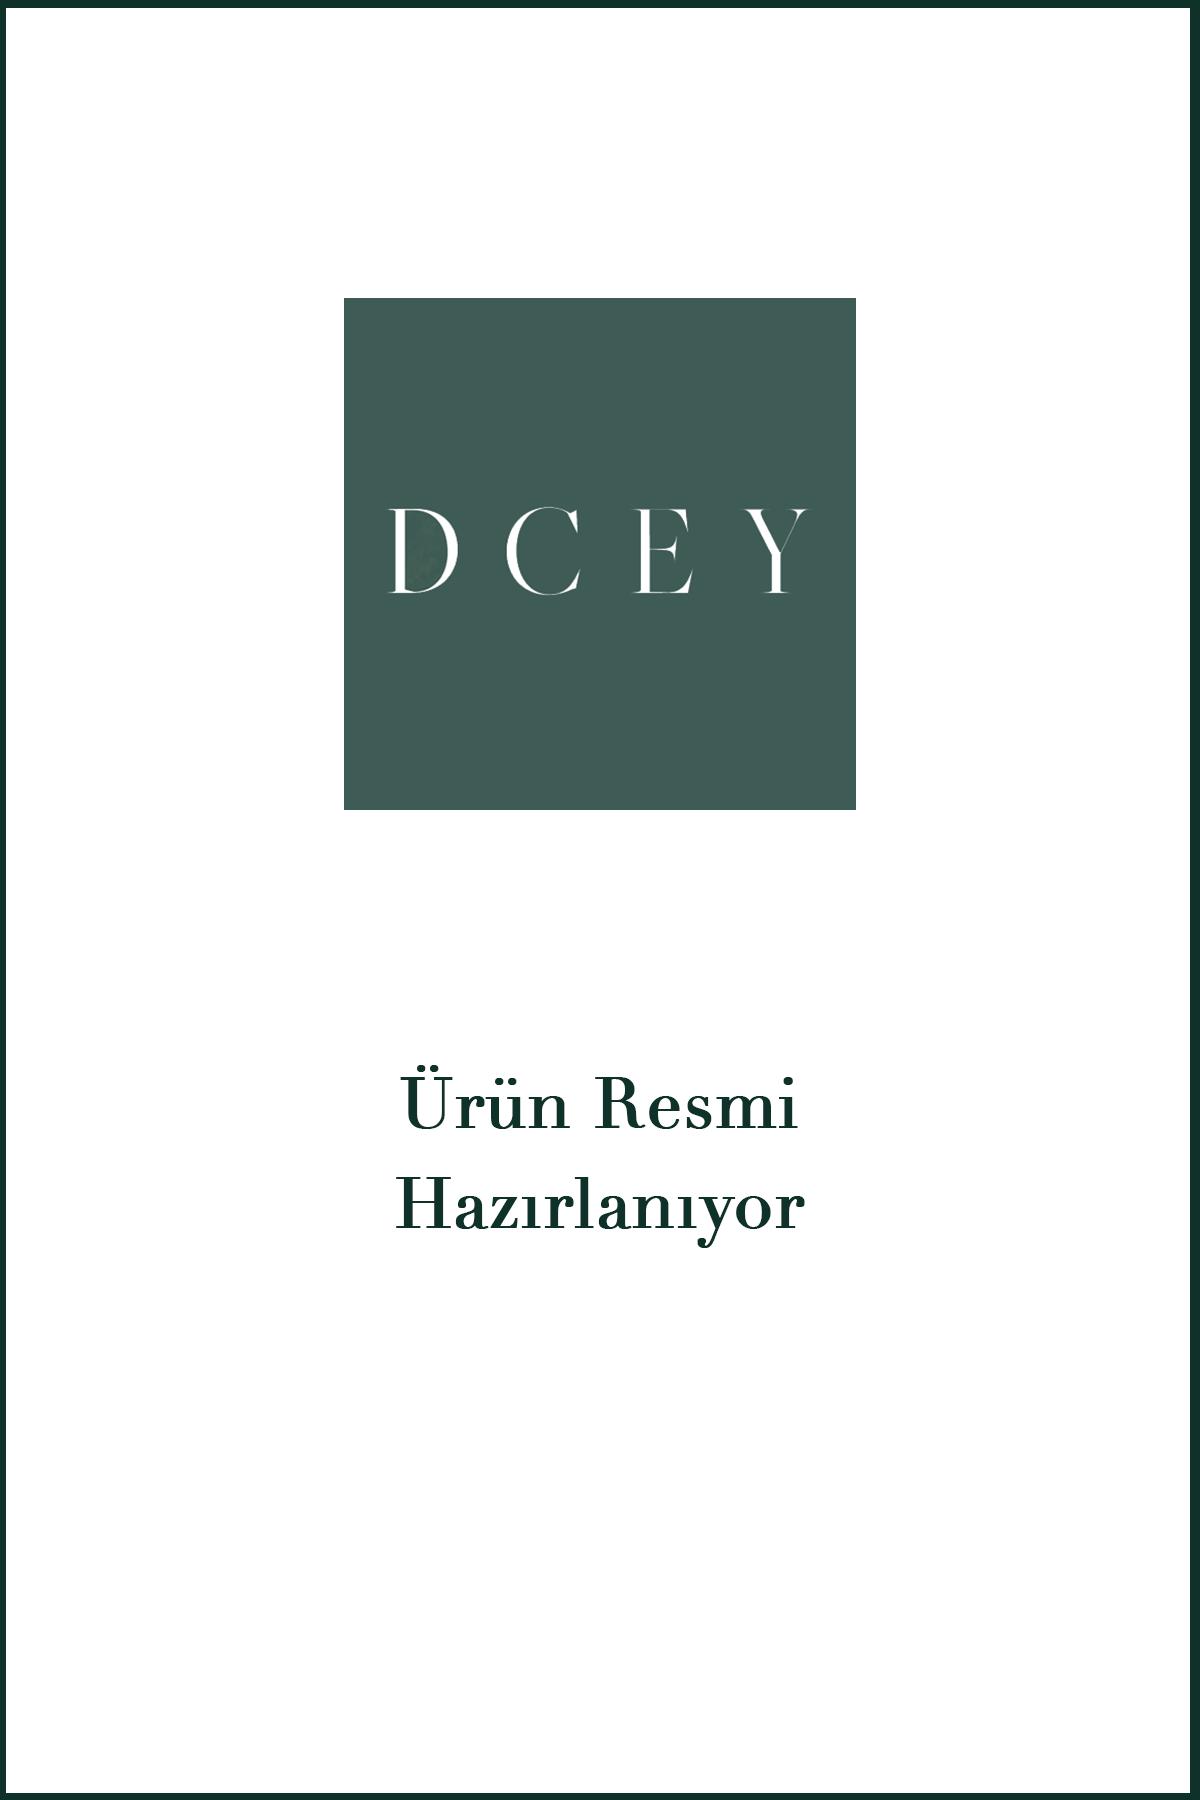 Serafina Yaka Çiçeği